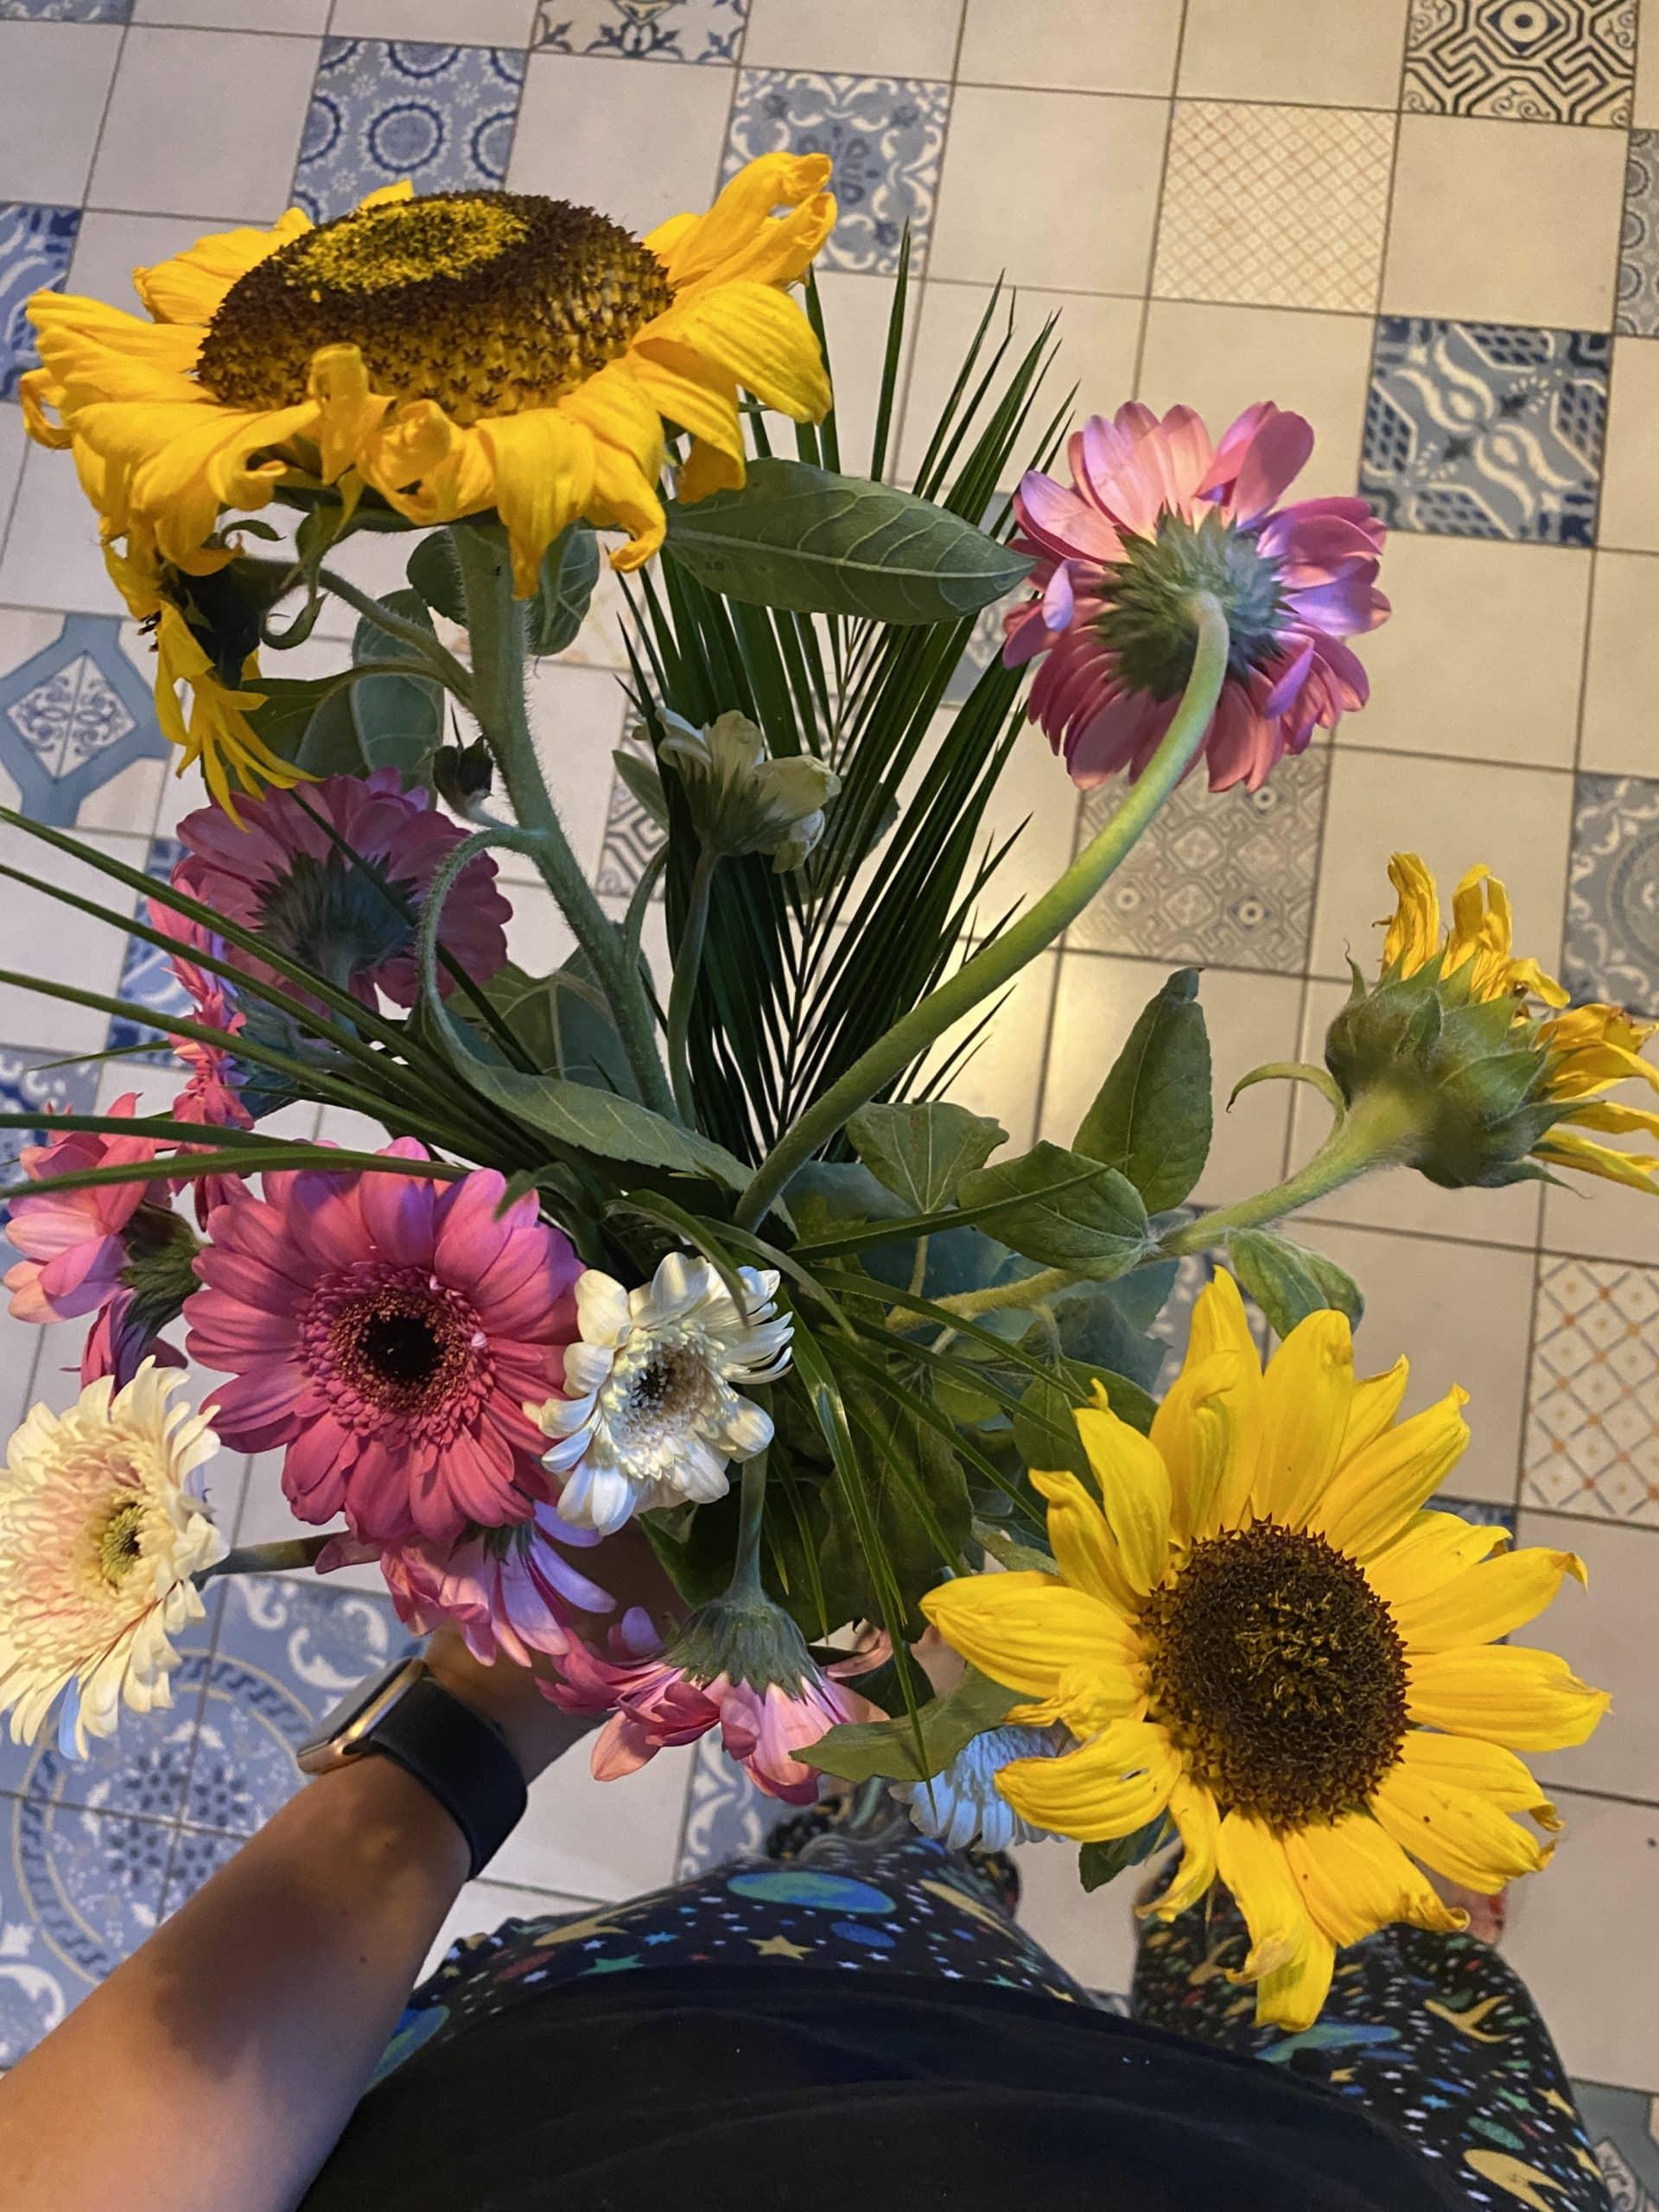 Halb aus dem Garten, halb gekaufte Blumen.